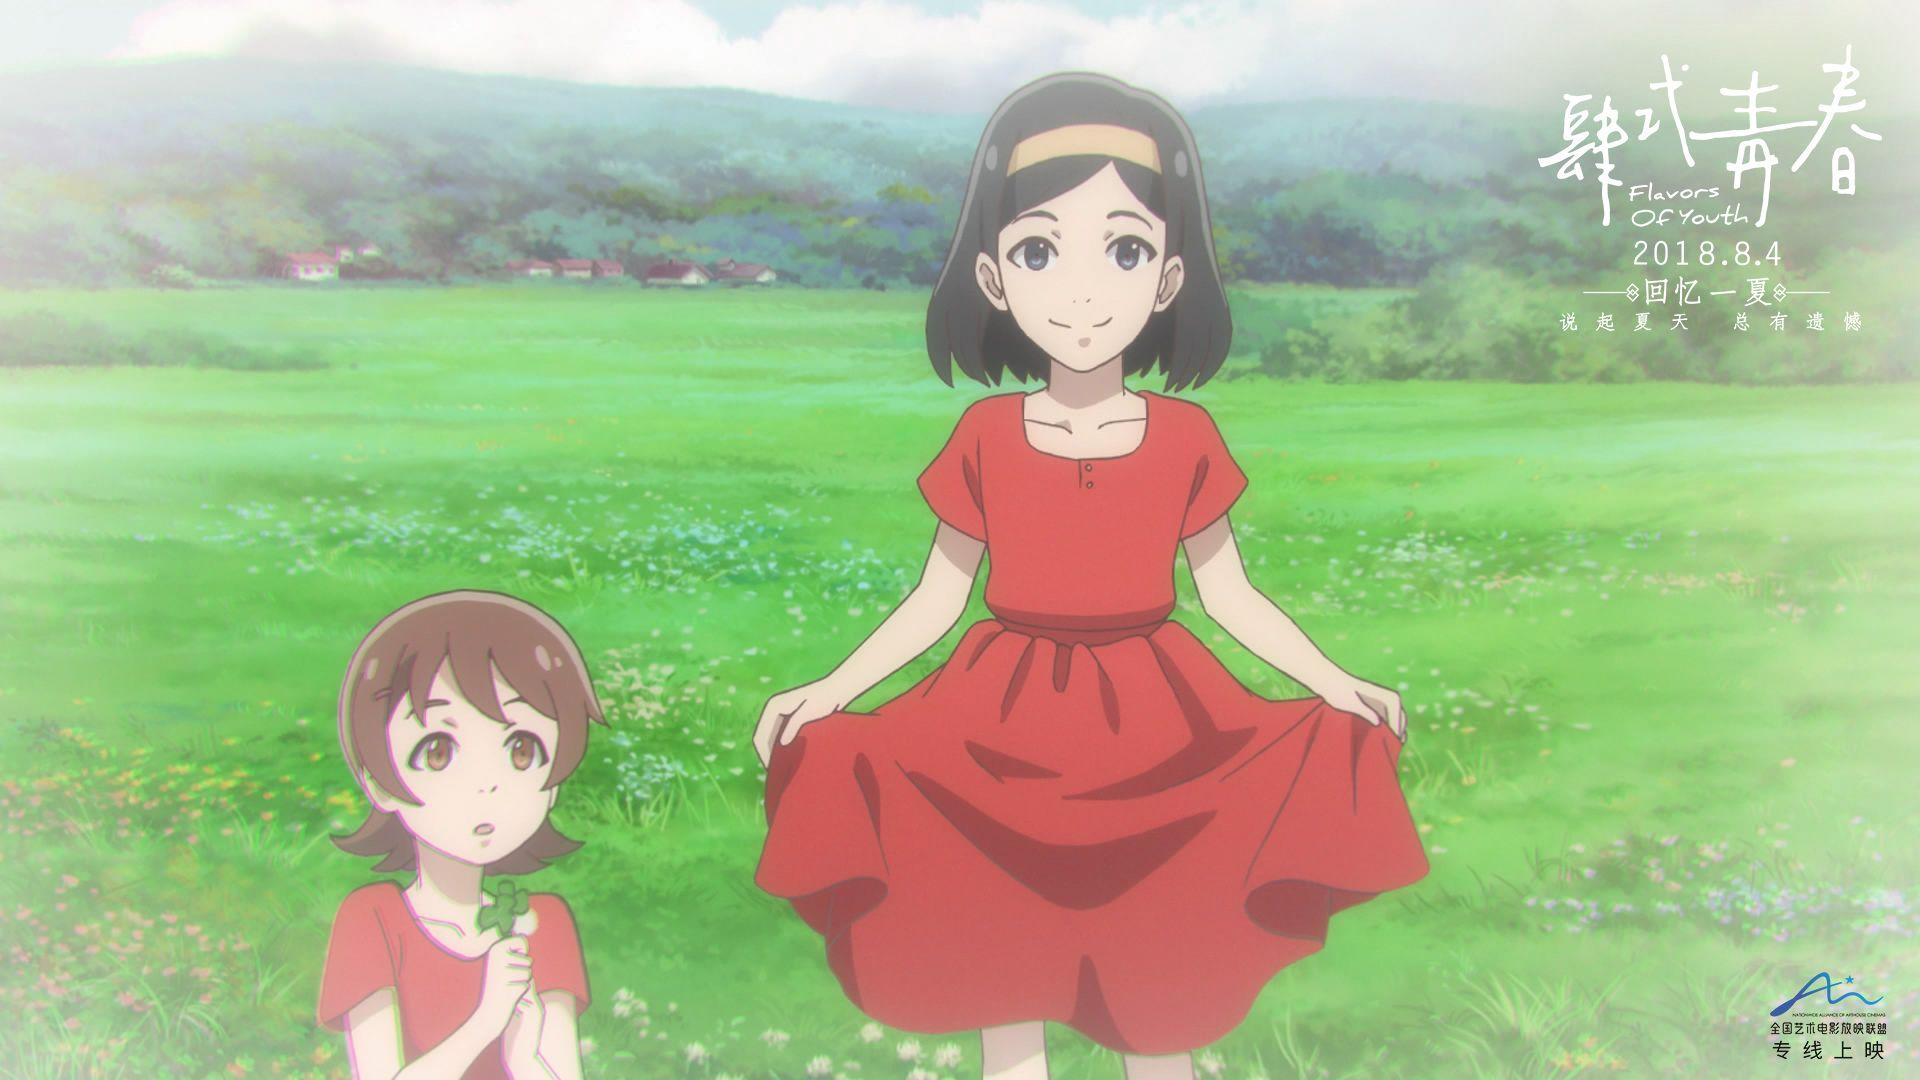 《肆式青春》日本票房成绩喜人,国漫新模式受二次元好评